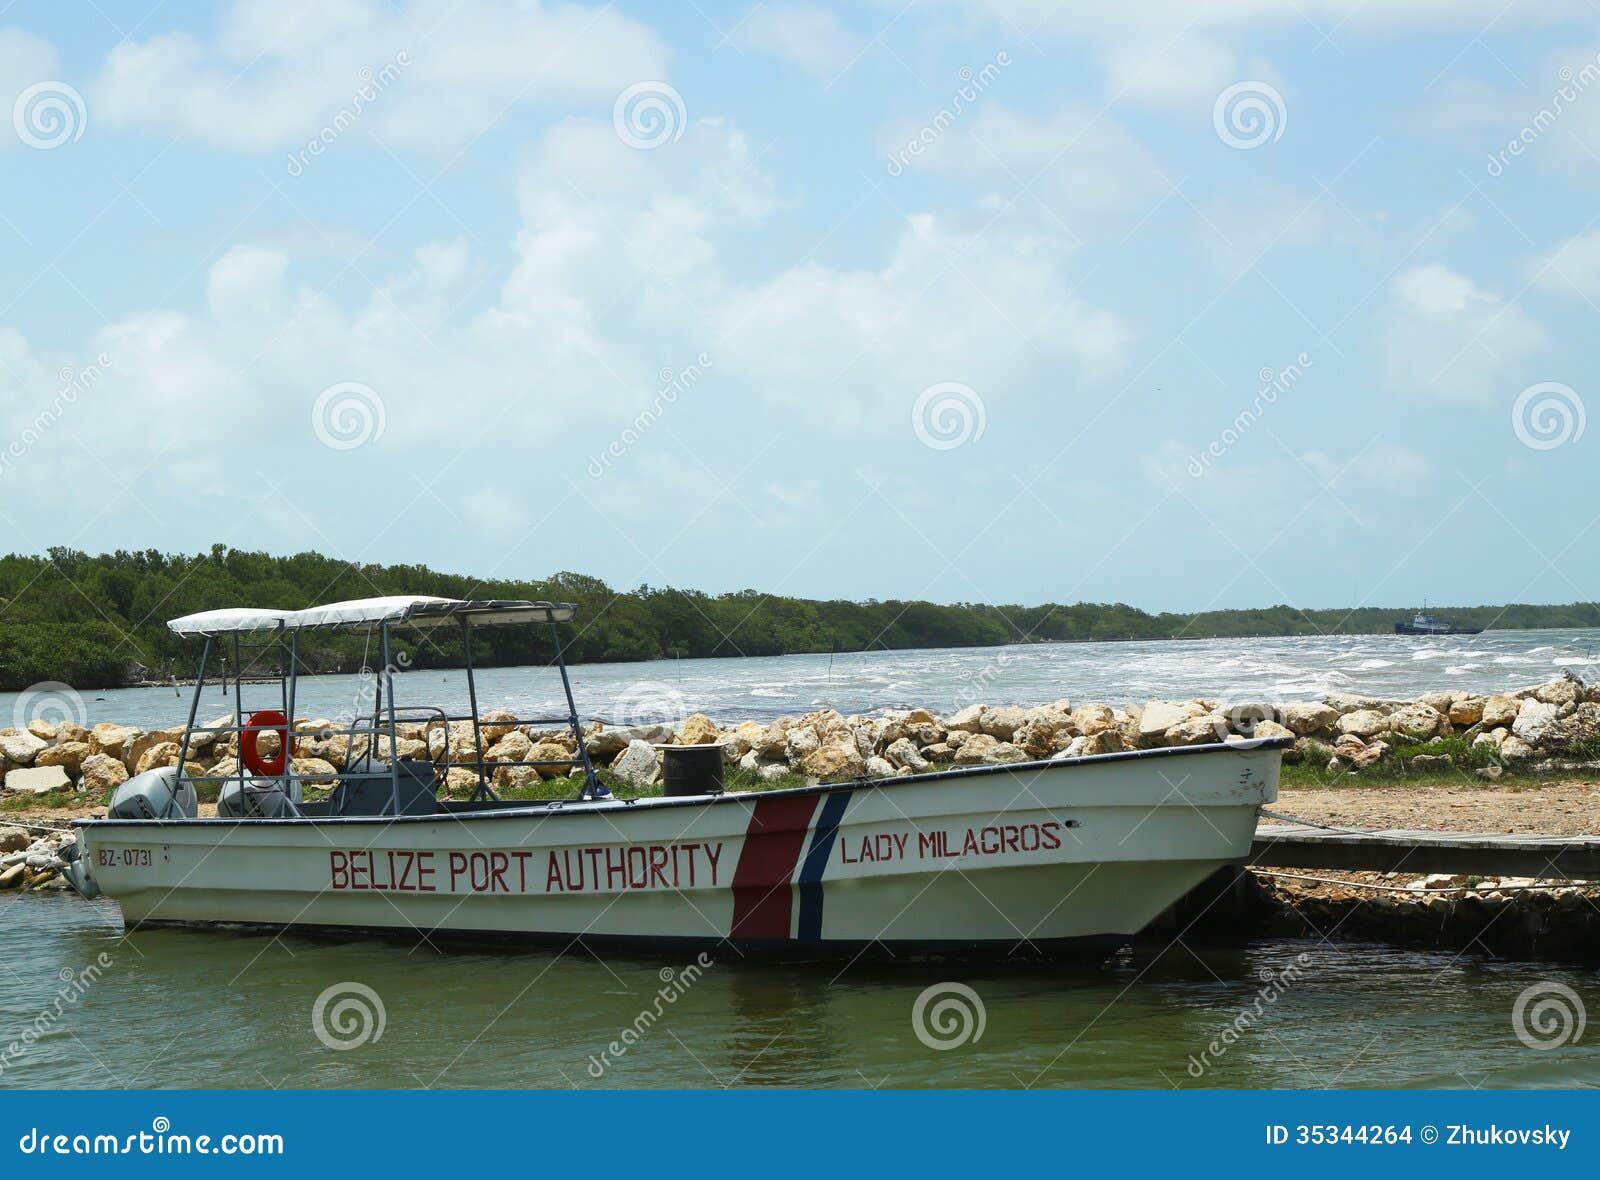 Barco da autoridade portuária de Belize na cidade de Belize